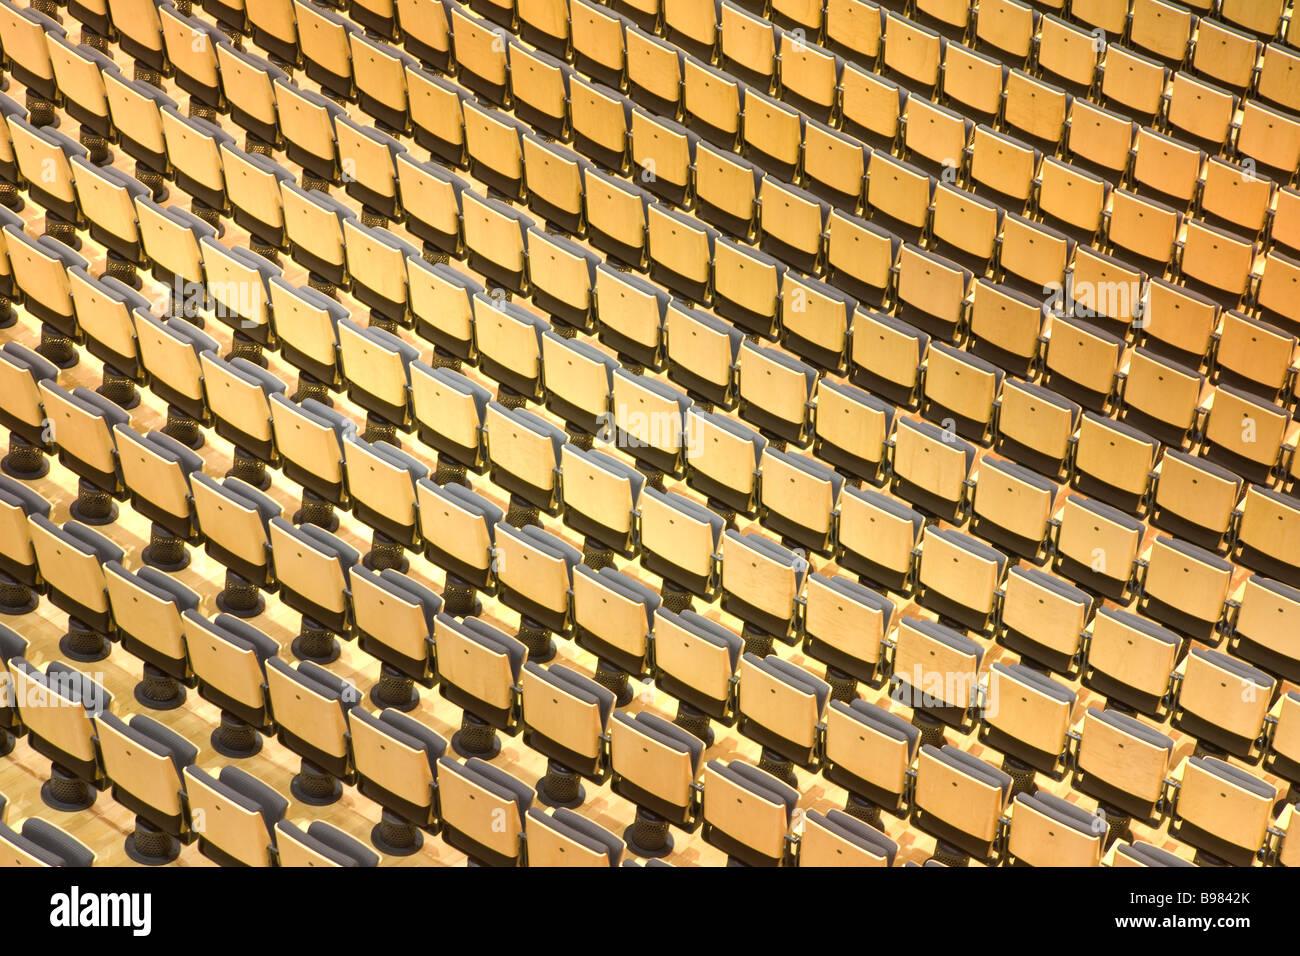 Sitzplätze in einer Halle in The Sage Gateshead, Fosters atemberaubende Musikzentrum am Ufer des Flusses Tyne. Stockbild